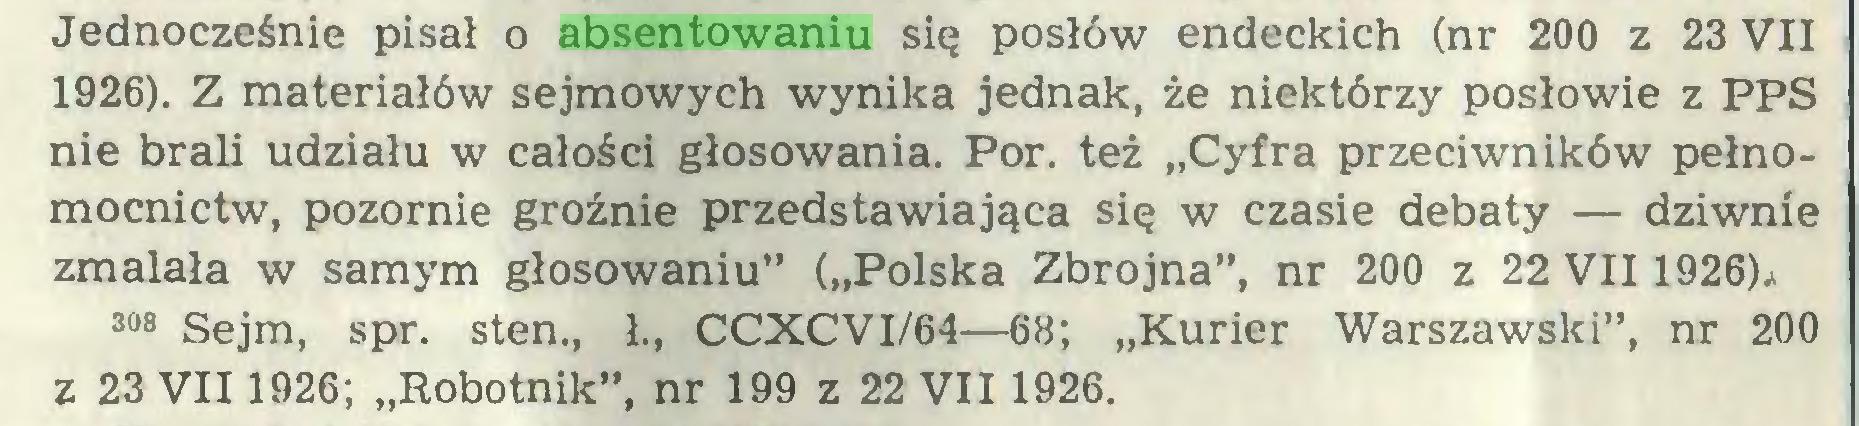 """(...) Jednocześnie pisał o absentowaniu się posłów endeckich (nr 200 z 23 VII 1926). Z materiałów sejmowych wynika jednak, że niektórzy posłowie z PPS nie brali udziału w całości głosowania. Por. też """"Cyfra przeciwników pełnomocnictw, pozornie groźnie przedstawiająca się w czasie debaty — dziwnie zmalała w samym głosowaniu"""" (""""Polska Zbrojna"""", nr 200 z 22 VII 1926)* 308 Sejm, spr. sten., Ł, CCXCVI/64—68; """"Kurier Warszawski"""", nr 200 z 23 VII 1926; """"Robotnik"""", nr 199 z 22 VII 1926..."""